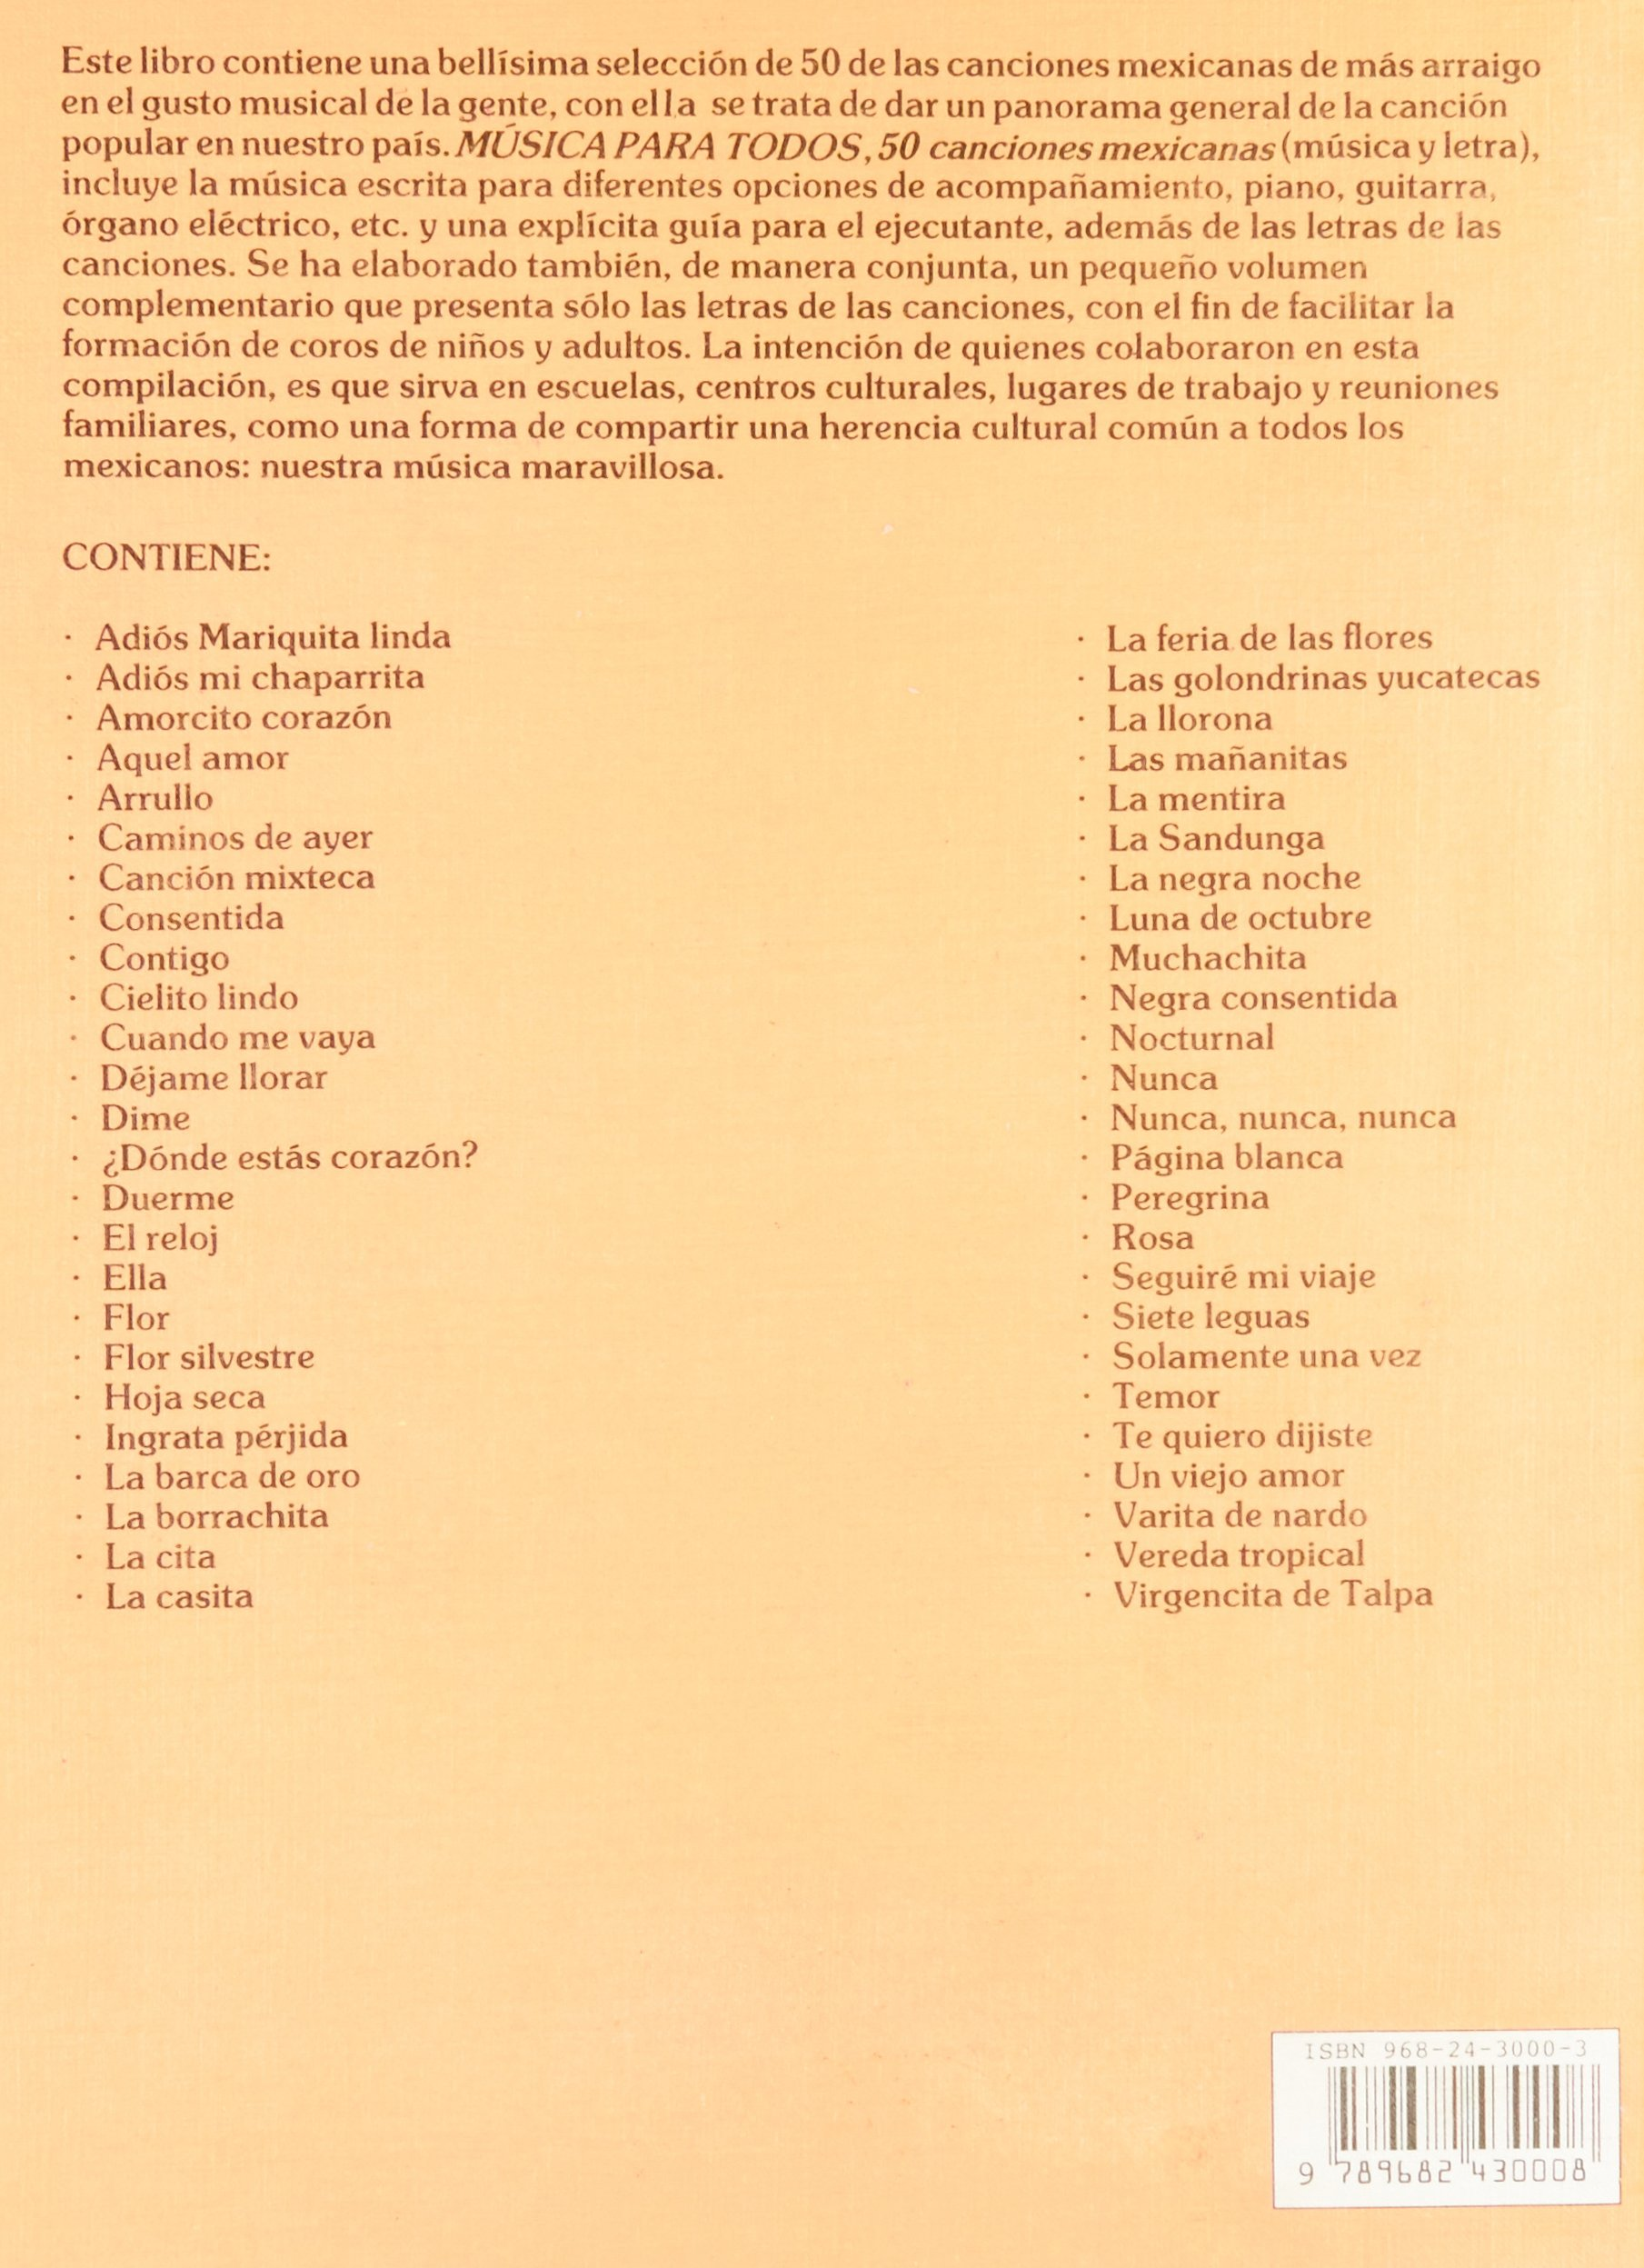 MÚSICA PARA TODOS, MÚSICA Y LETRA, PAUTADO: TRILLAS: 9789682430008: Amazon.com: Books